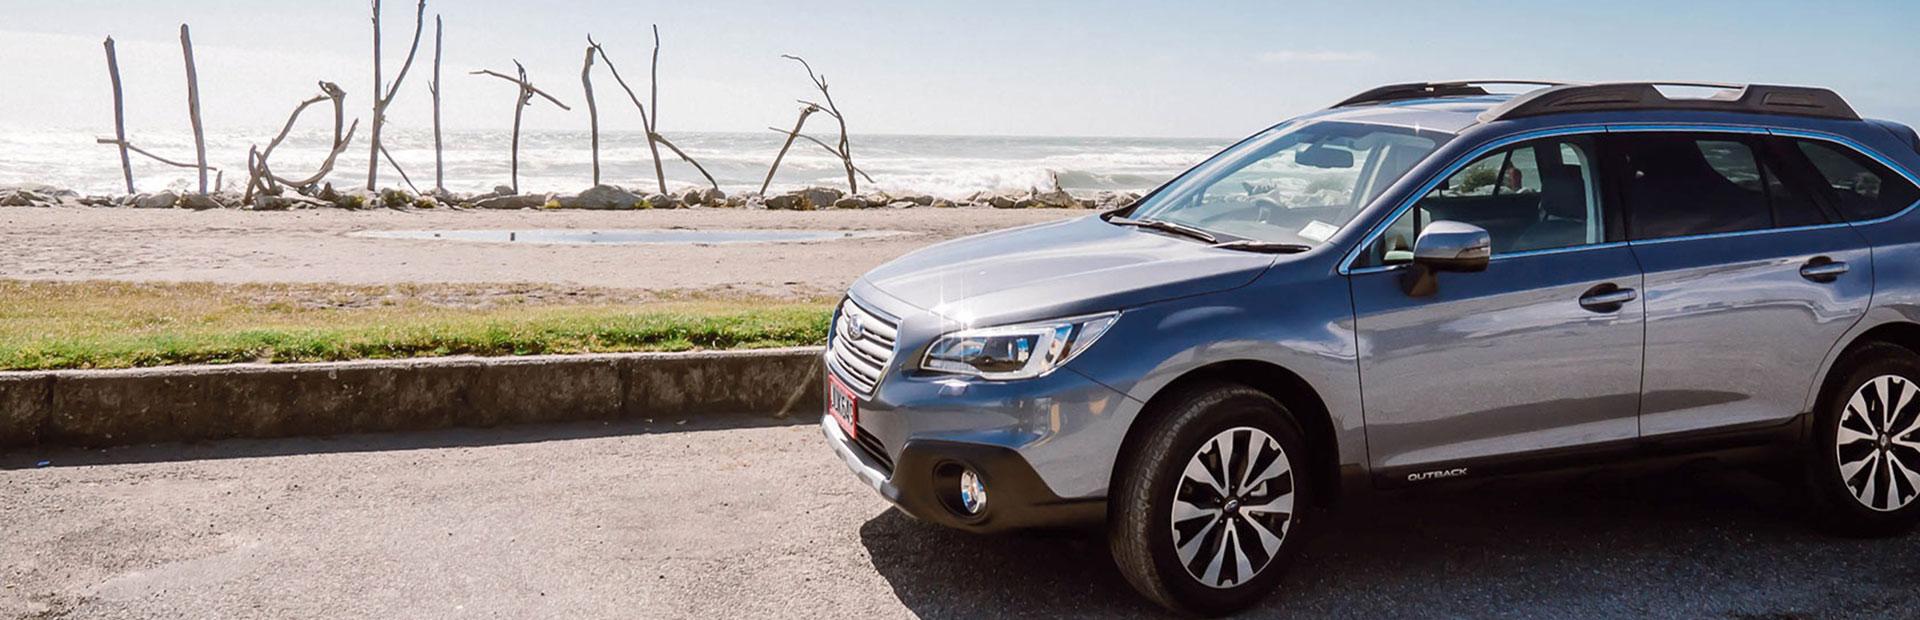 Subaru Car Rental